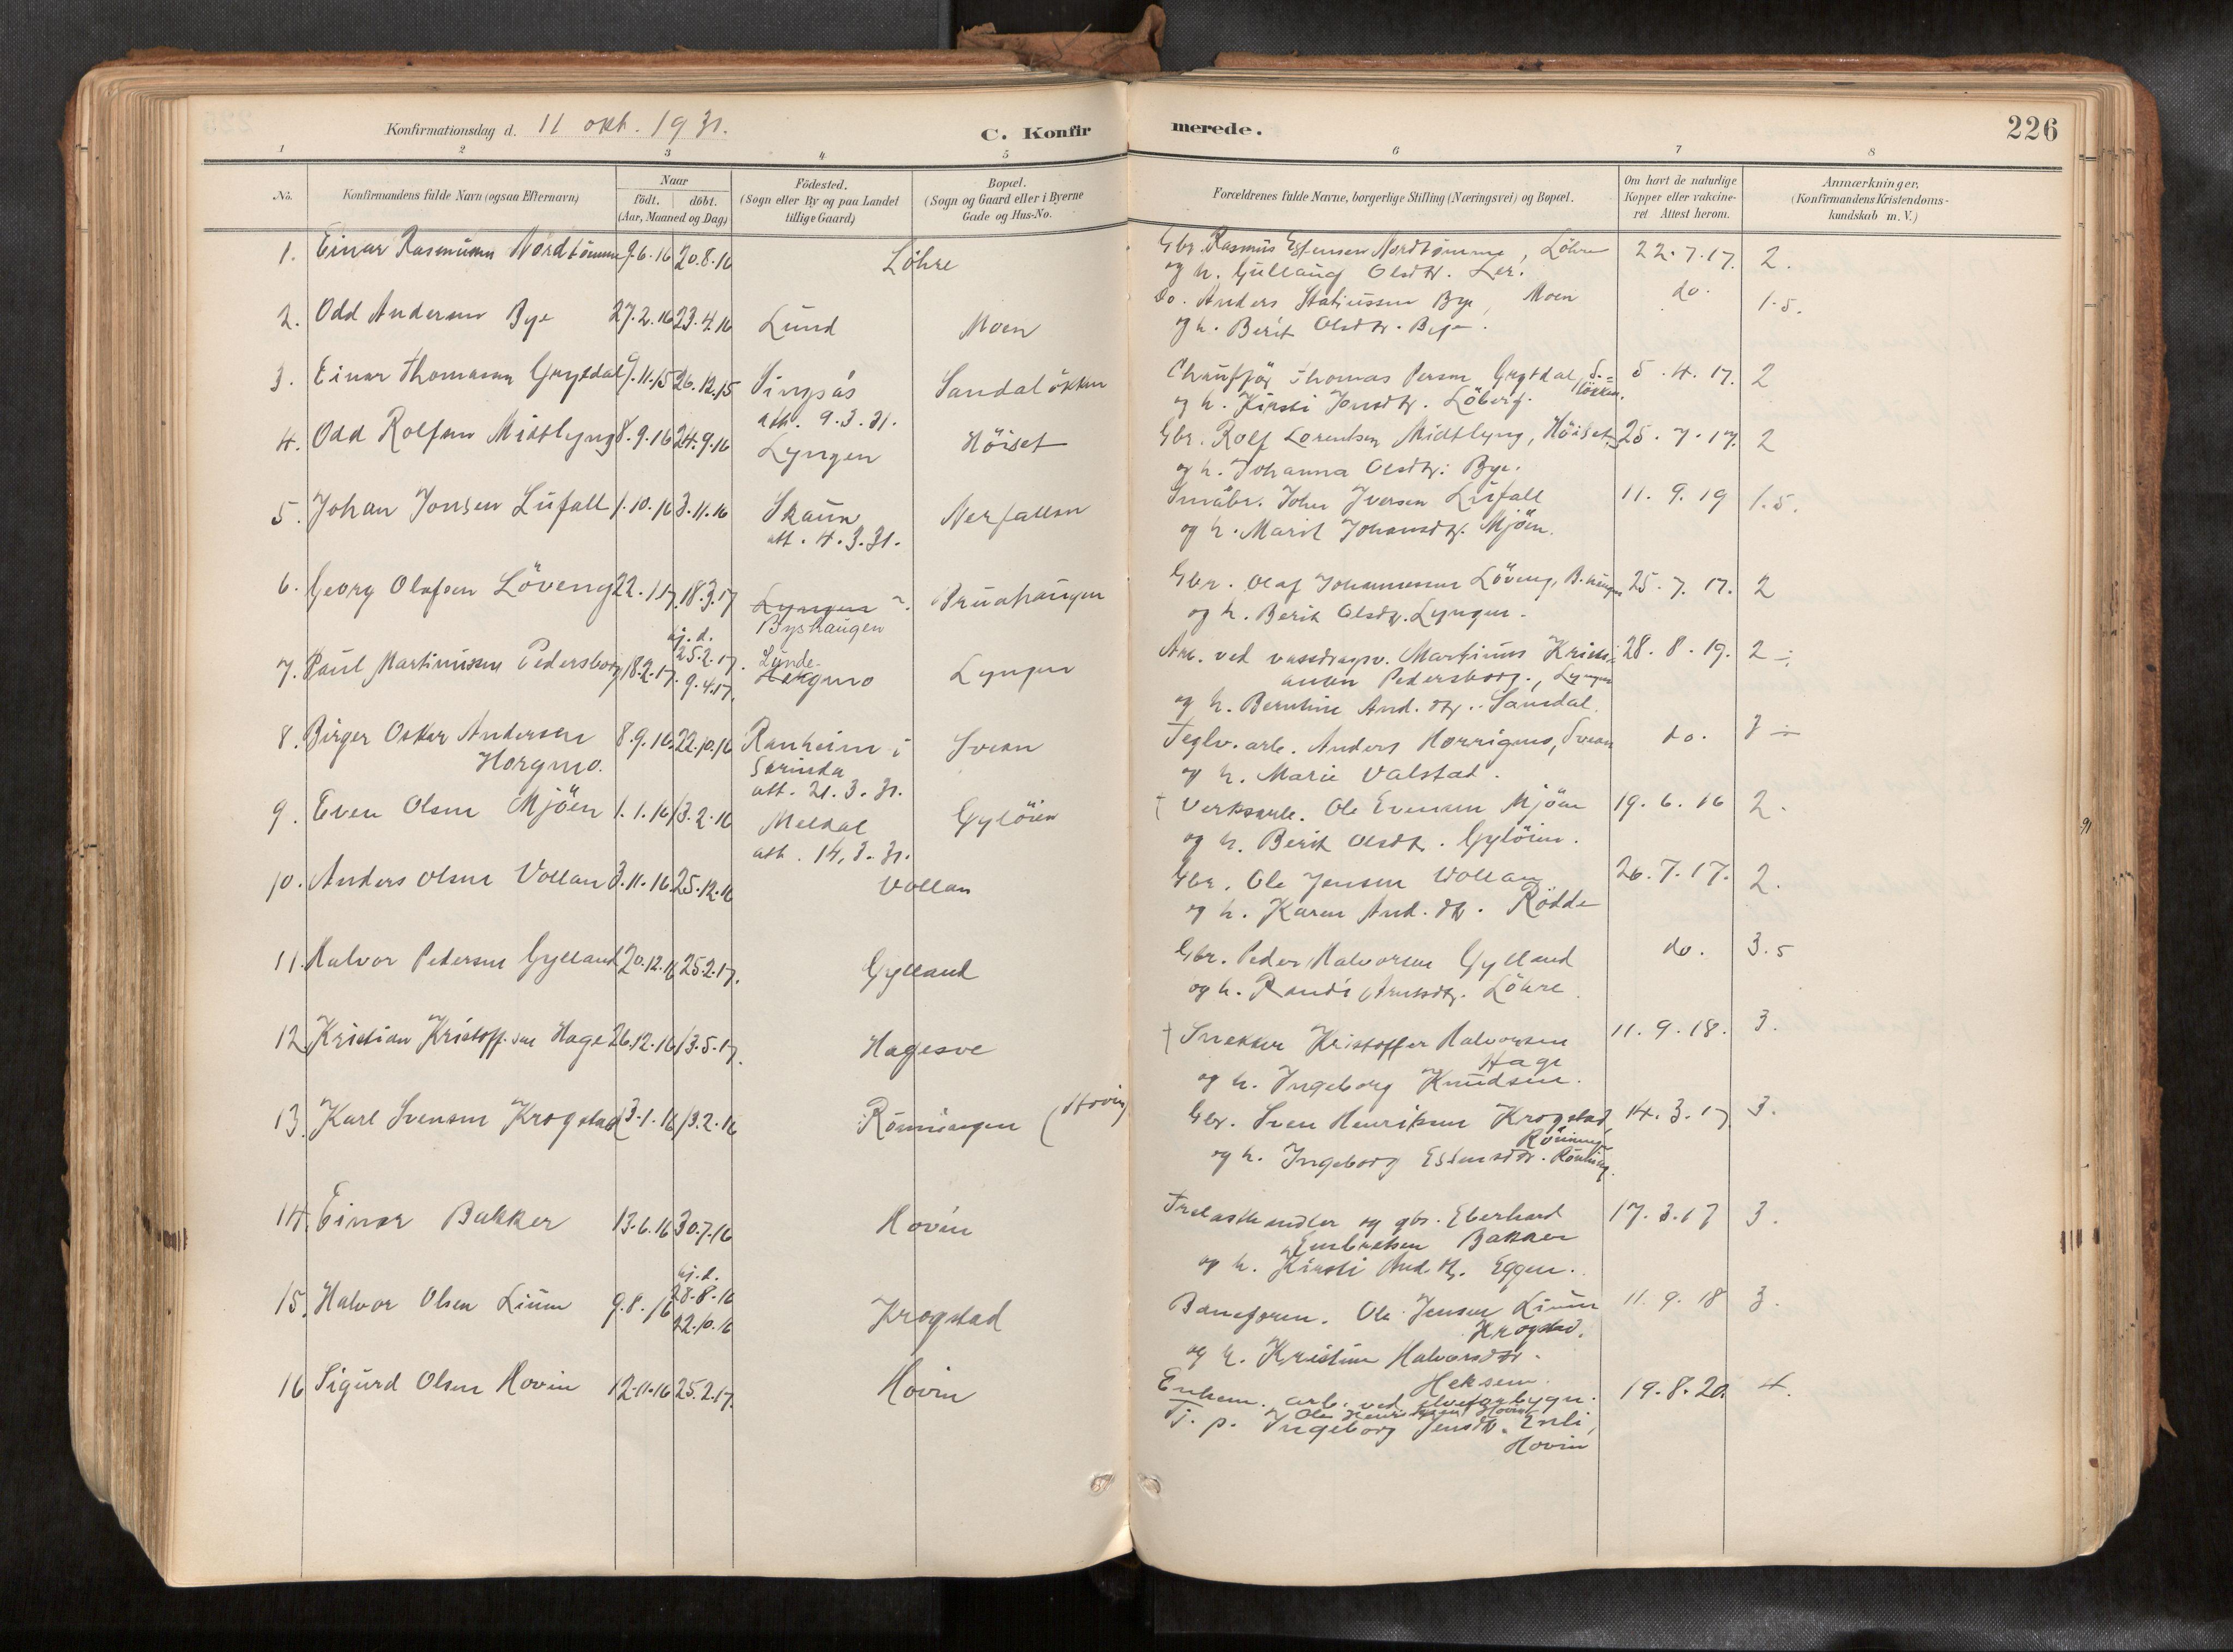 SAT, Ministerialprotokoller, klokkerbøker og fødselsregistre - Sør-Trøndelag, 692/L1105b: Ministerialbok nr. 692A06, 1891-1934, s. 226